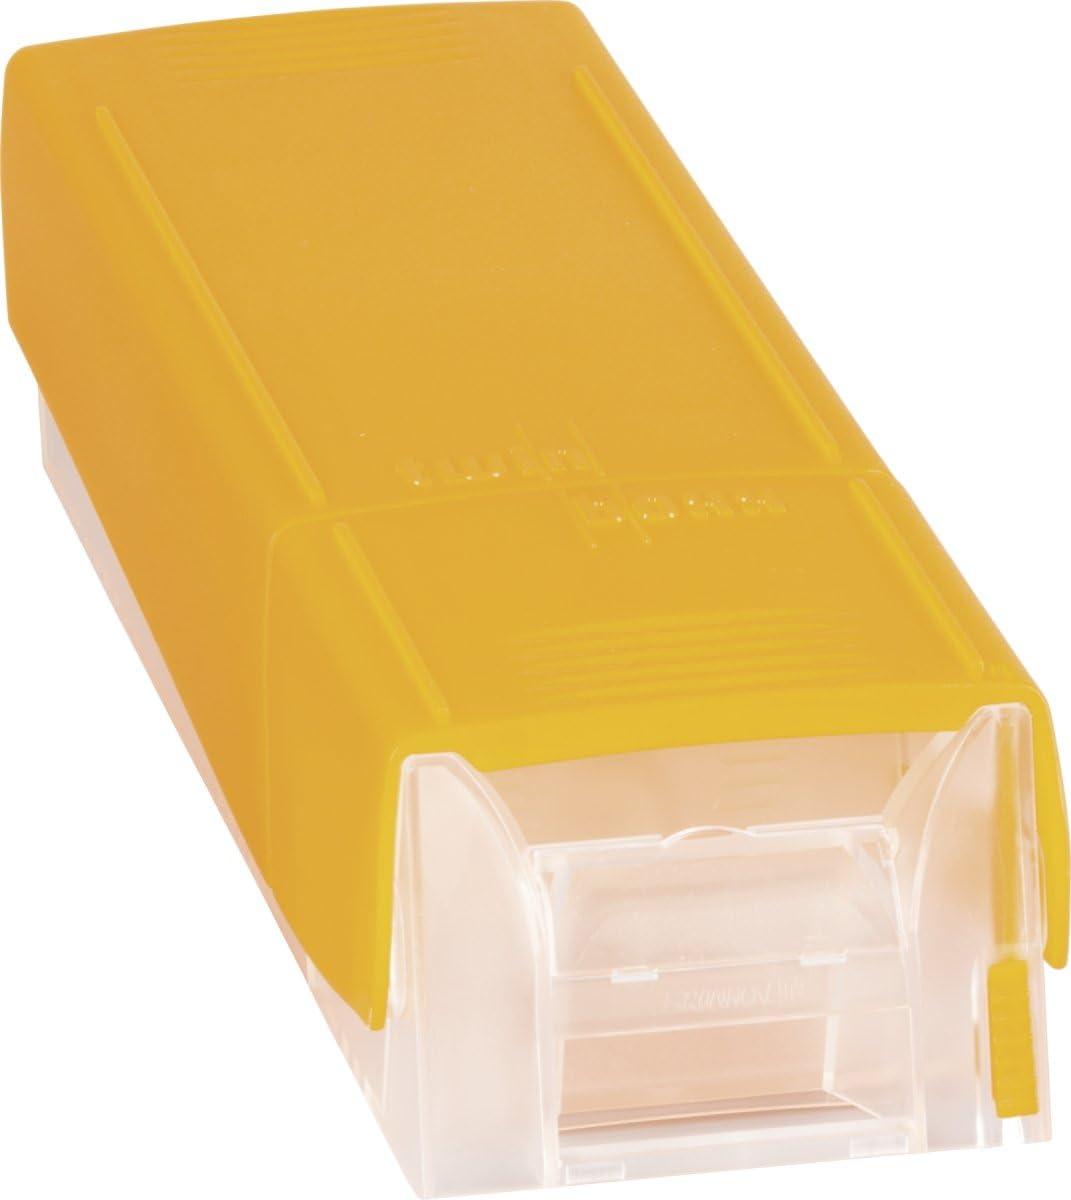 tama/ño DIN A8, estireno, capacidad para aprox. 600 unidades Tarjetero Brunnen Twinboxx color azul